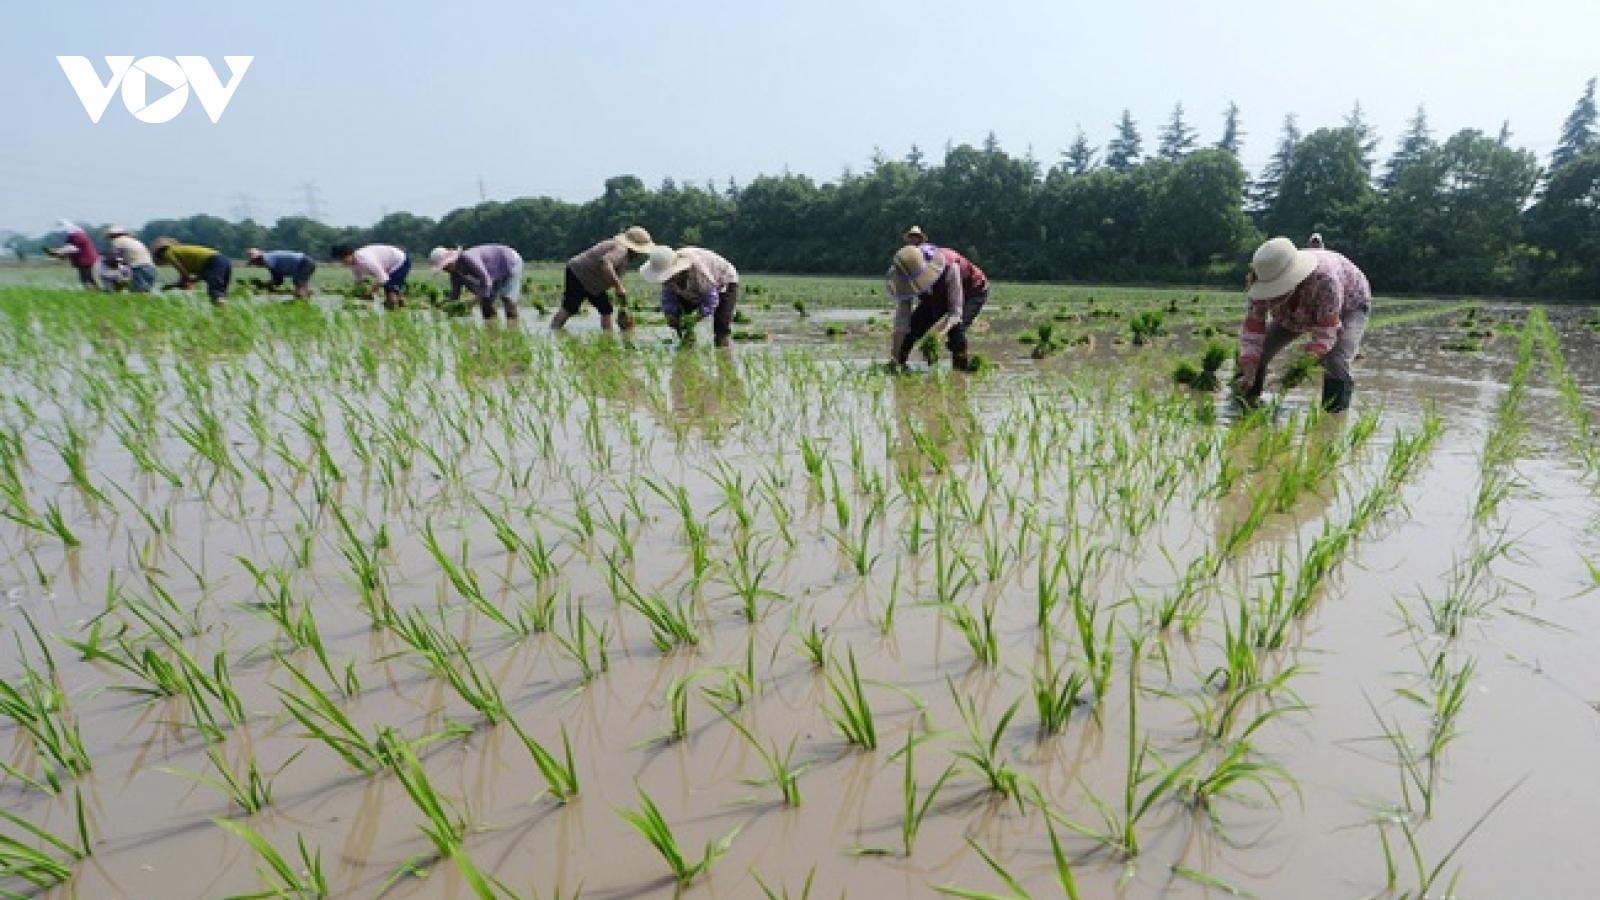 Mô hình nuôi tôm - lúa vùng nhiễm mặn thu nhập 60-70 triệu đồng/ha/năm